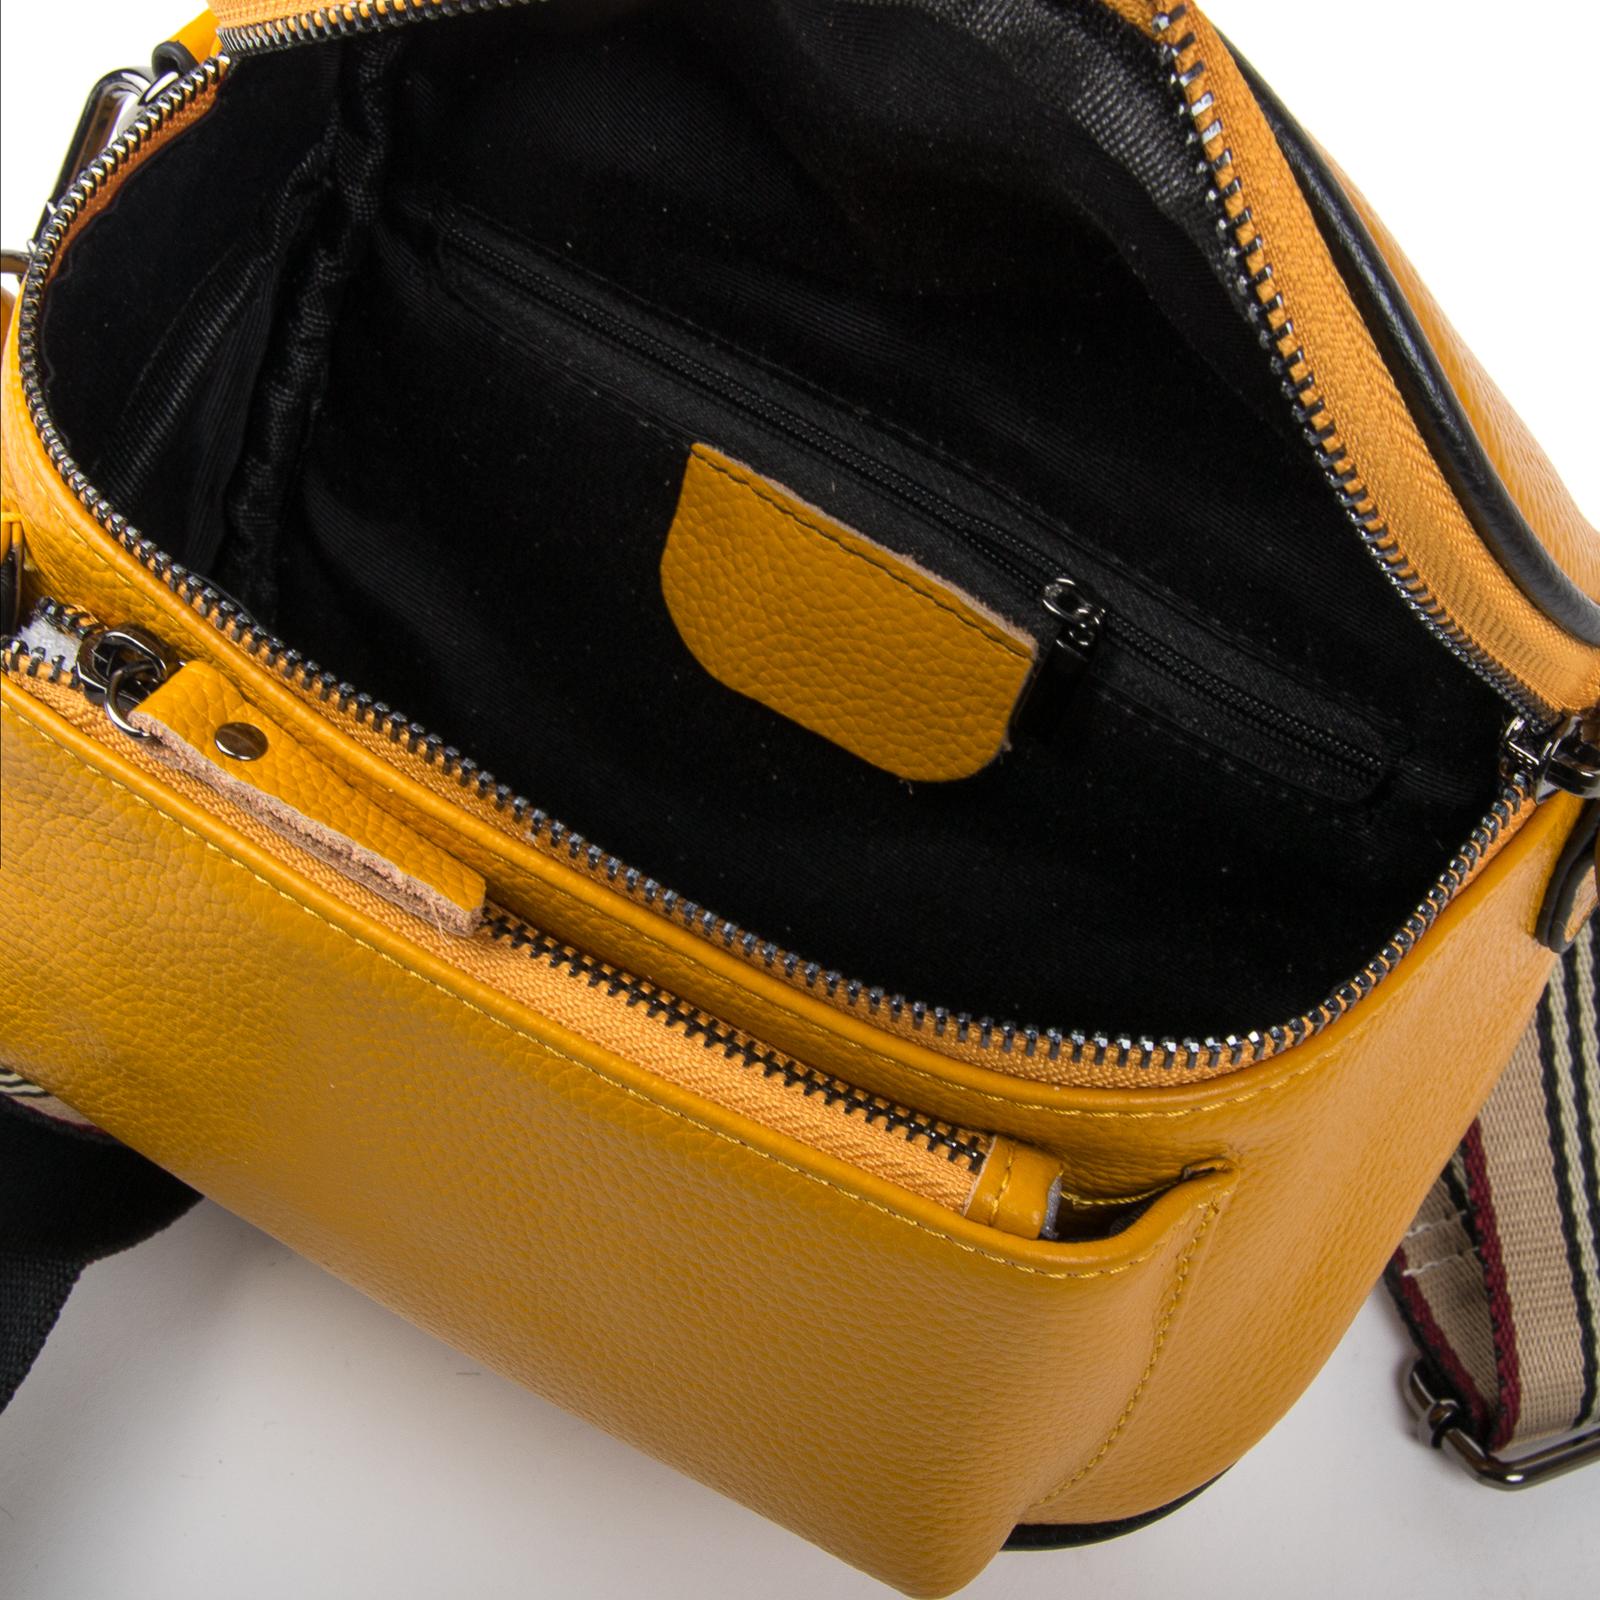 Сумка Женская Клатч кожа ALEX RAI 1-02 39031-9 yellow - фото 4